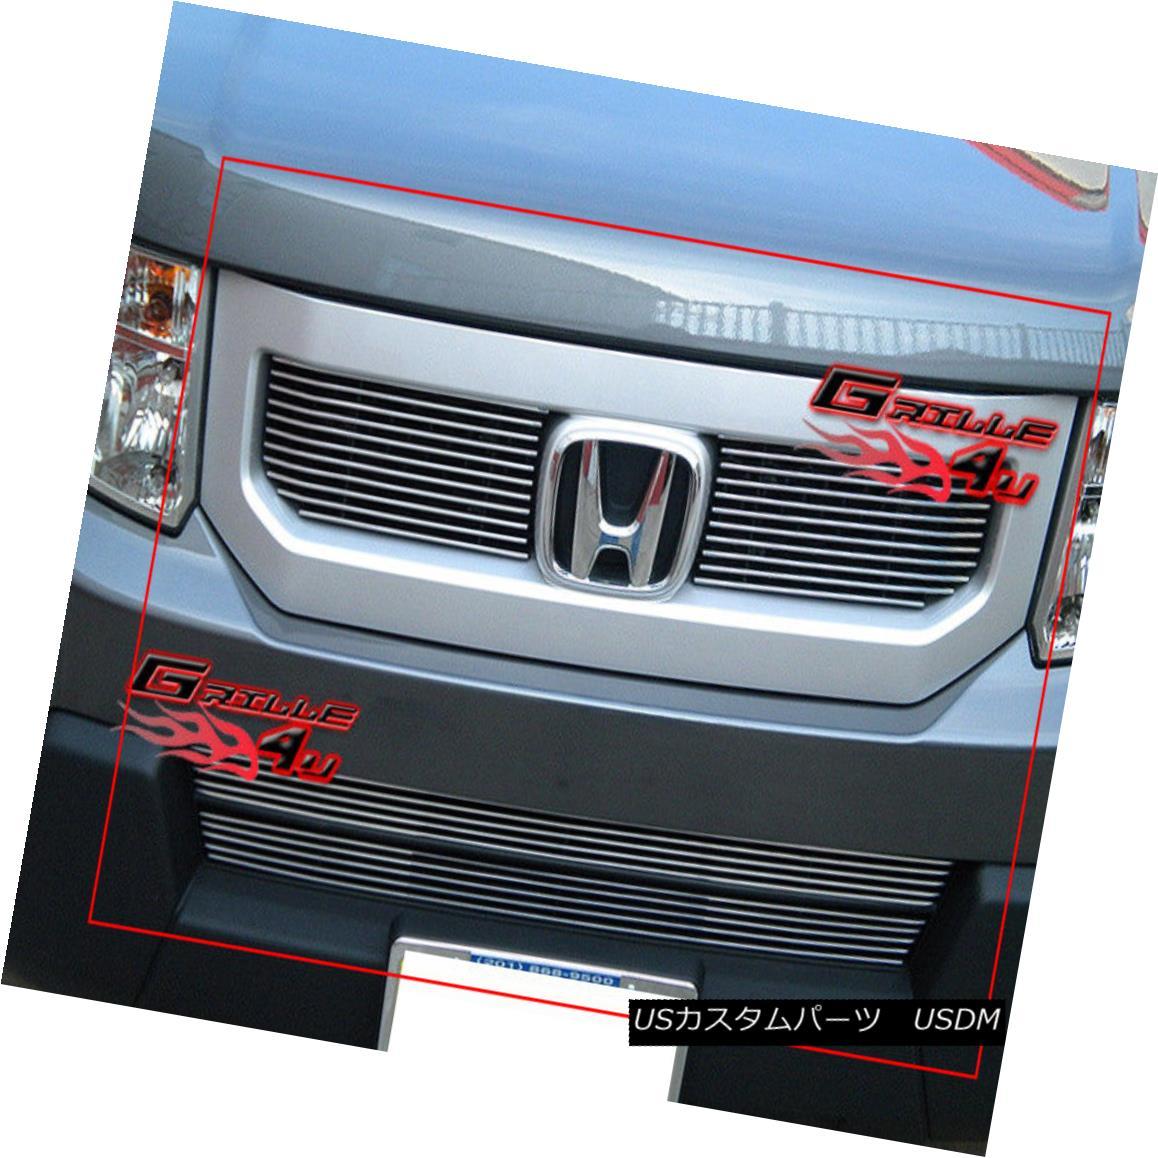 グリル For 09-11 2011 Honda Element Billet Grille Combo Insert 2011年9月11日のホンダエレメントビレットグリルコンボインサート